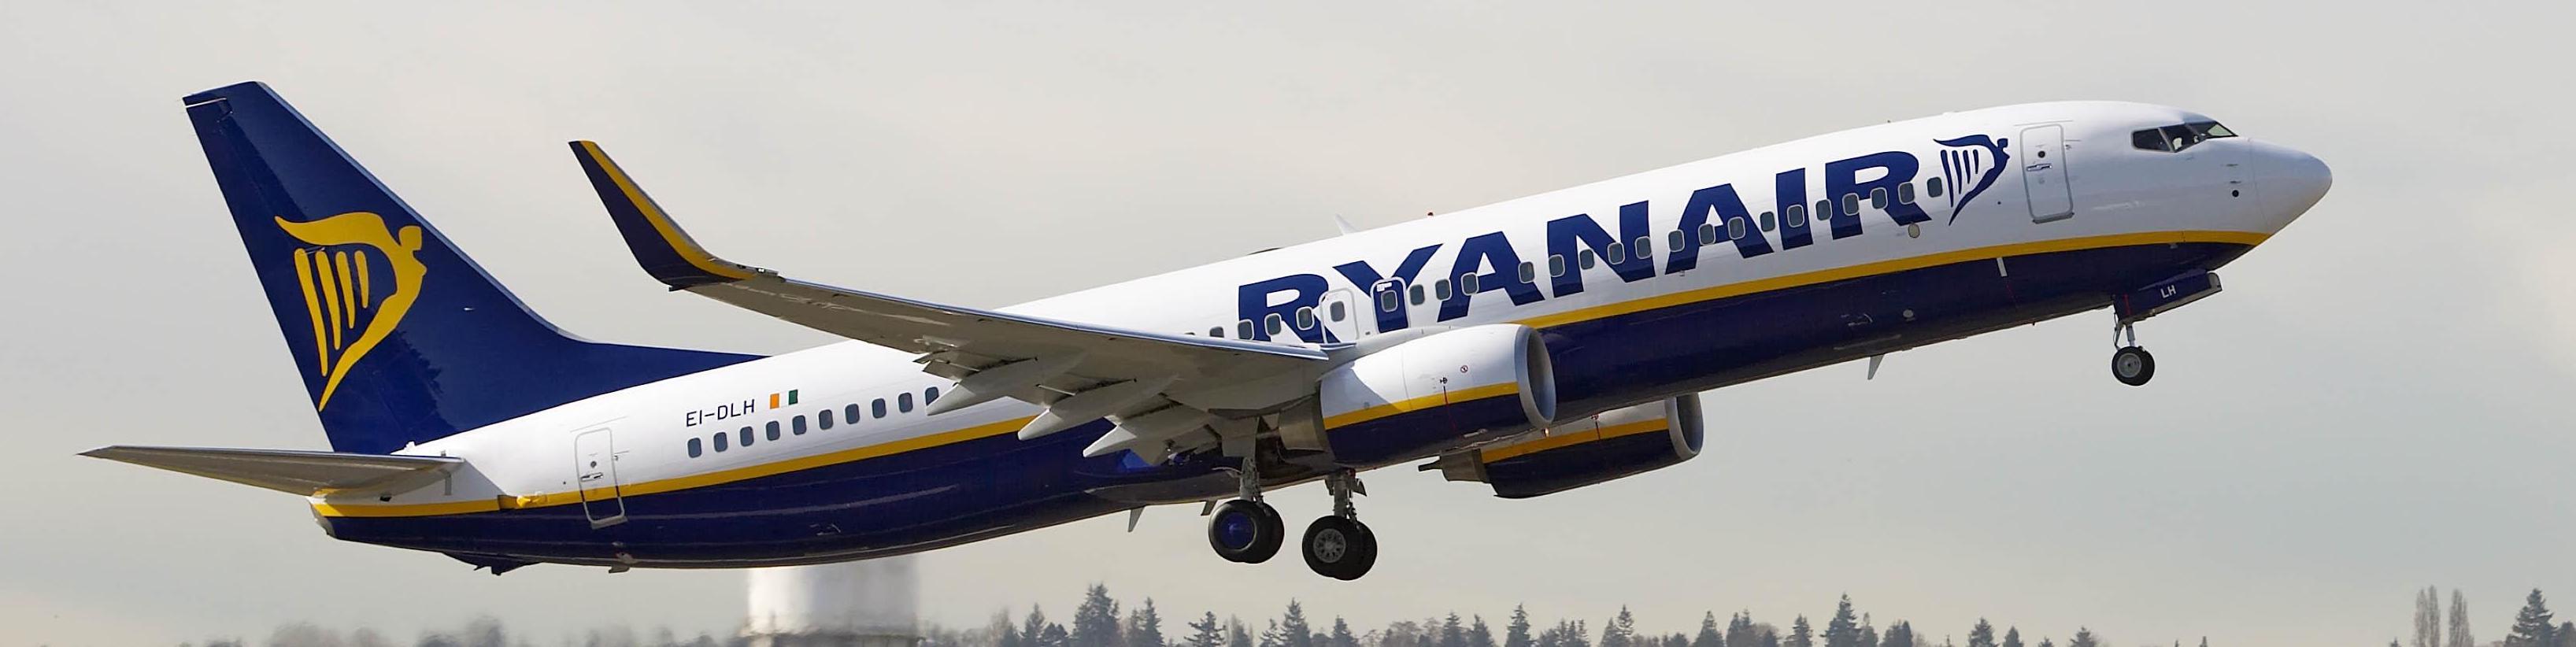 Il caso: Ryanair e il bagaglio a mano. Che c'è da sapere #Update